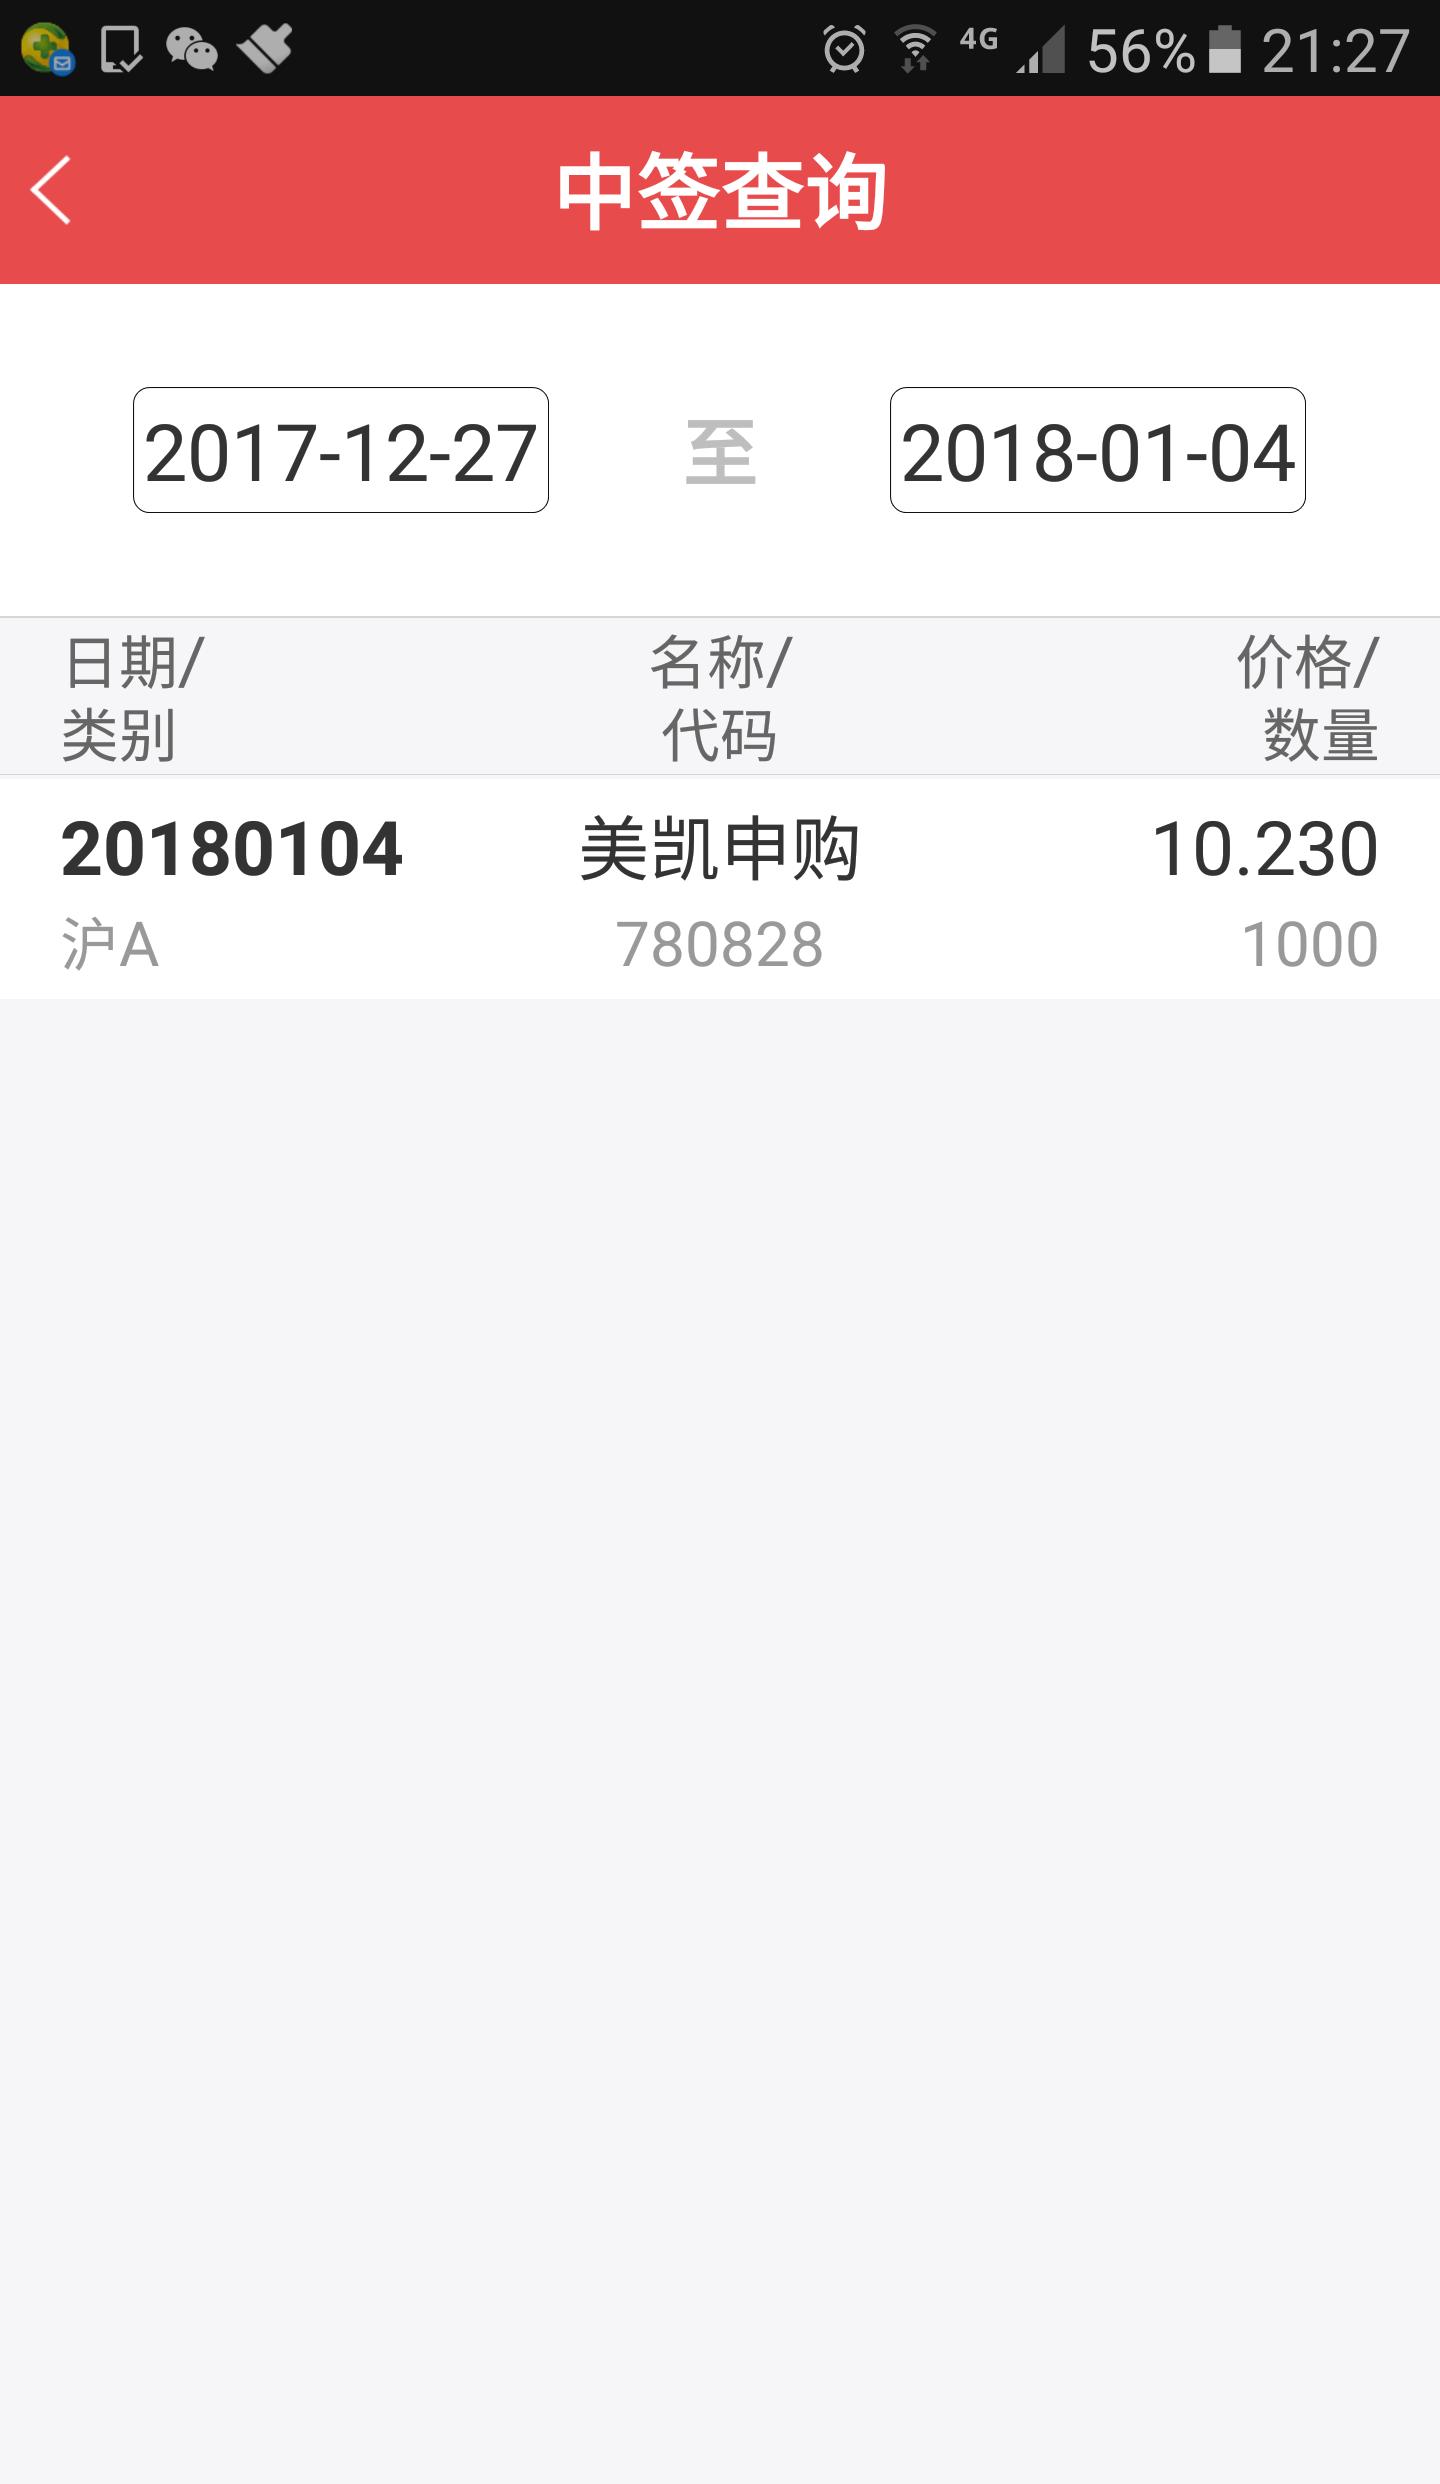 """中国福利彩票""""3D""""由中国福利彩票发行中心统一发行。中国福利彩票""""3D""""实行自愿购买,凡投注者均被视为同意遵守本规则。中国福利彩票发行管理中心唯一指定网络信息发布媒体为中彩网。也可在网上购买3D。 中国福利彩票3D游戏(以下简称3D),是以一个3位自然数为投注号码的彩票,投注者从000-999的数字中选择一个3位数.500彩票网福彩3D专栏提供中国福利彩票3D预测、3D走势图、3D开奖结果等内容,方便彩民浏览、投注参考之用。填坑(棋牌游戏名称) - 搜狗百科"""